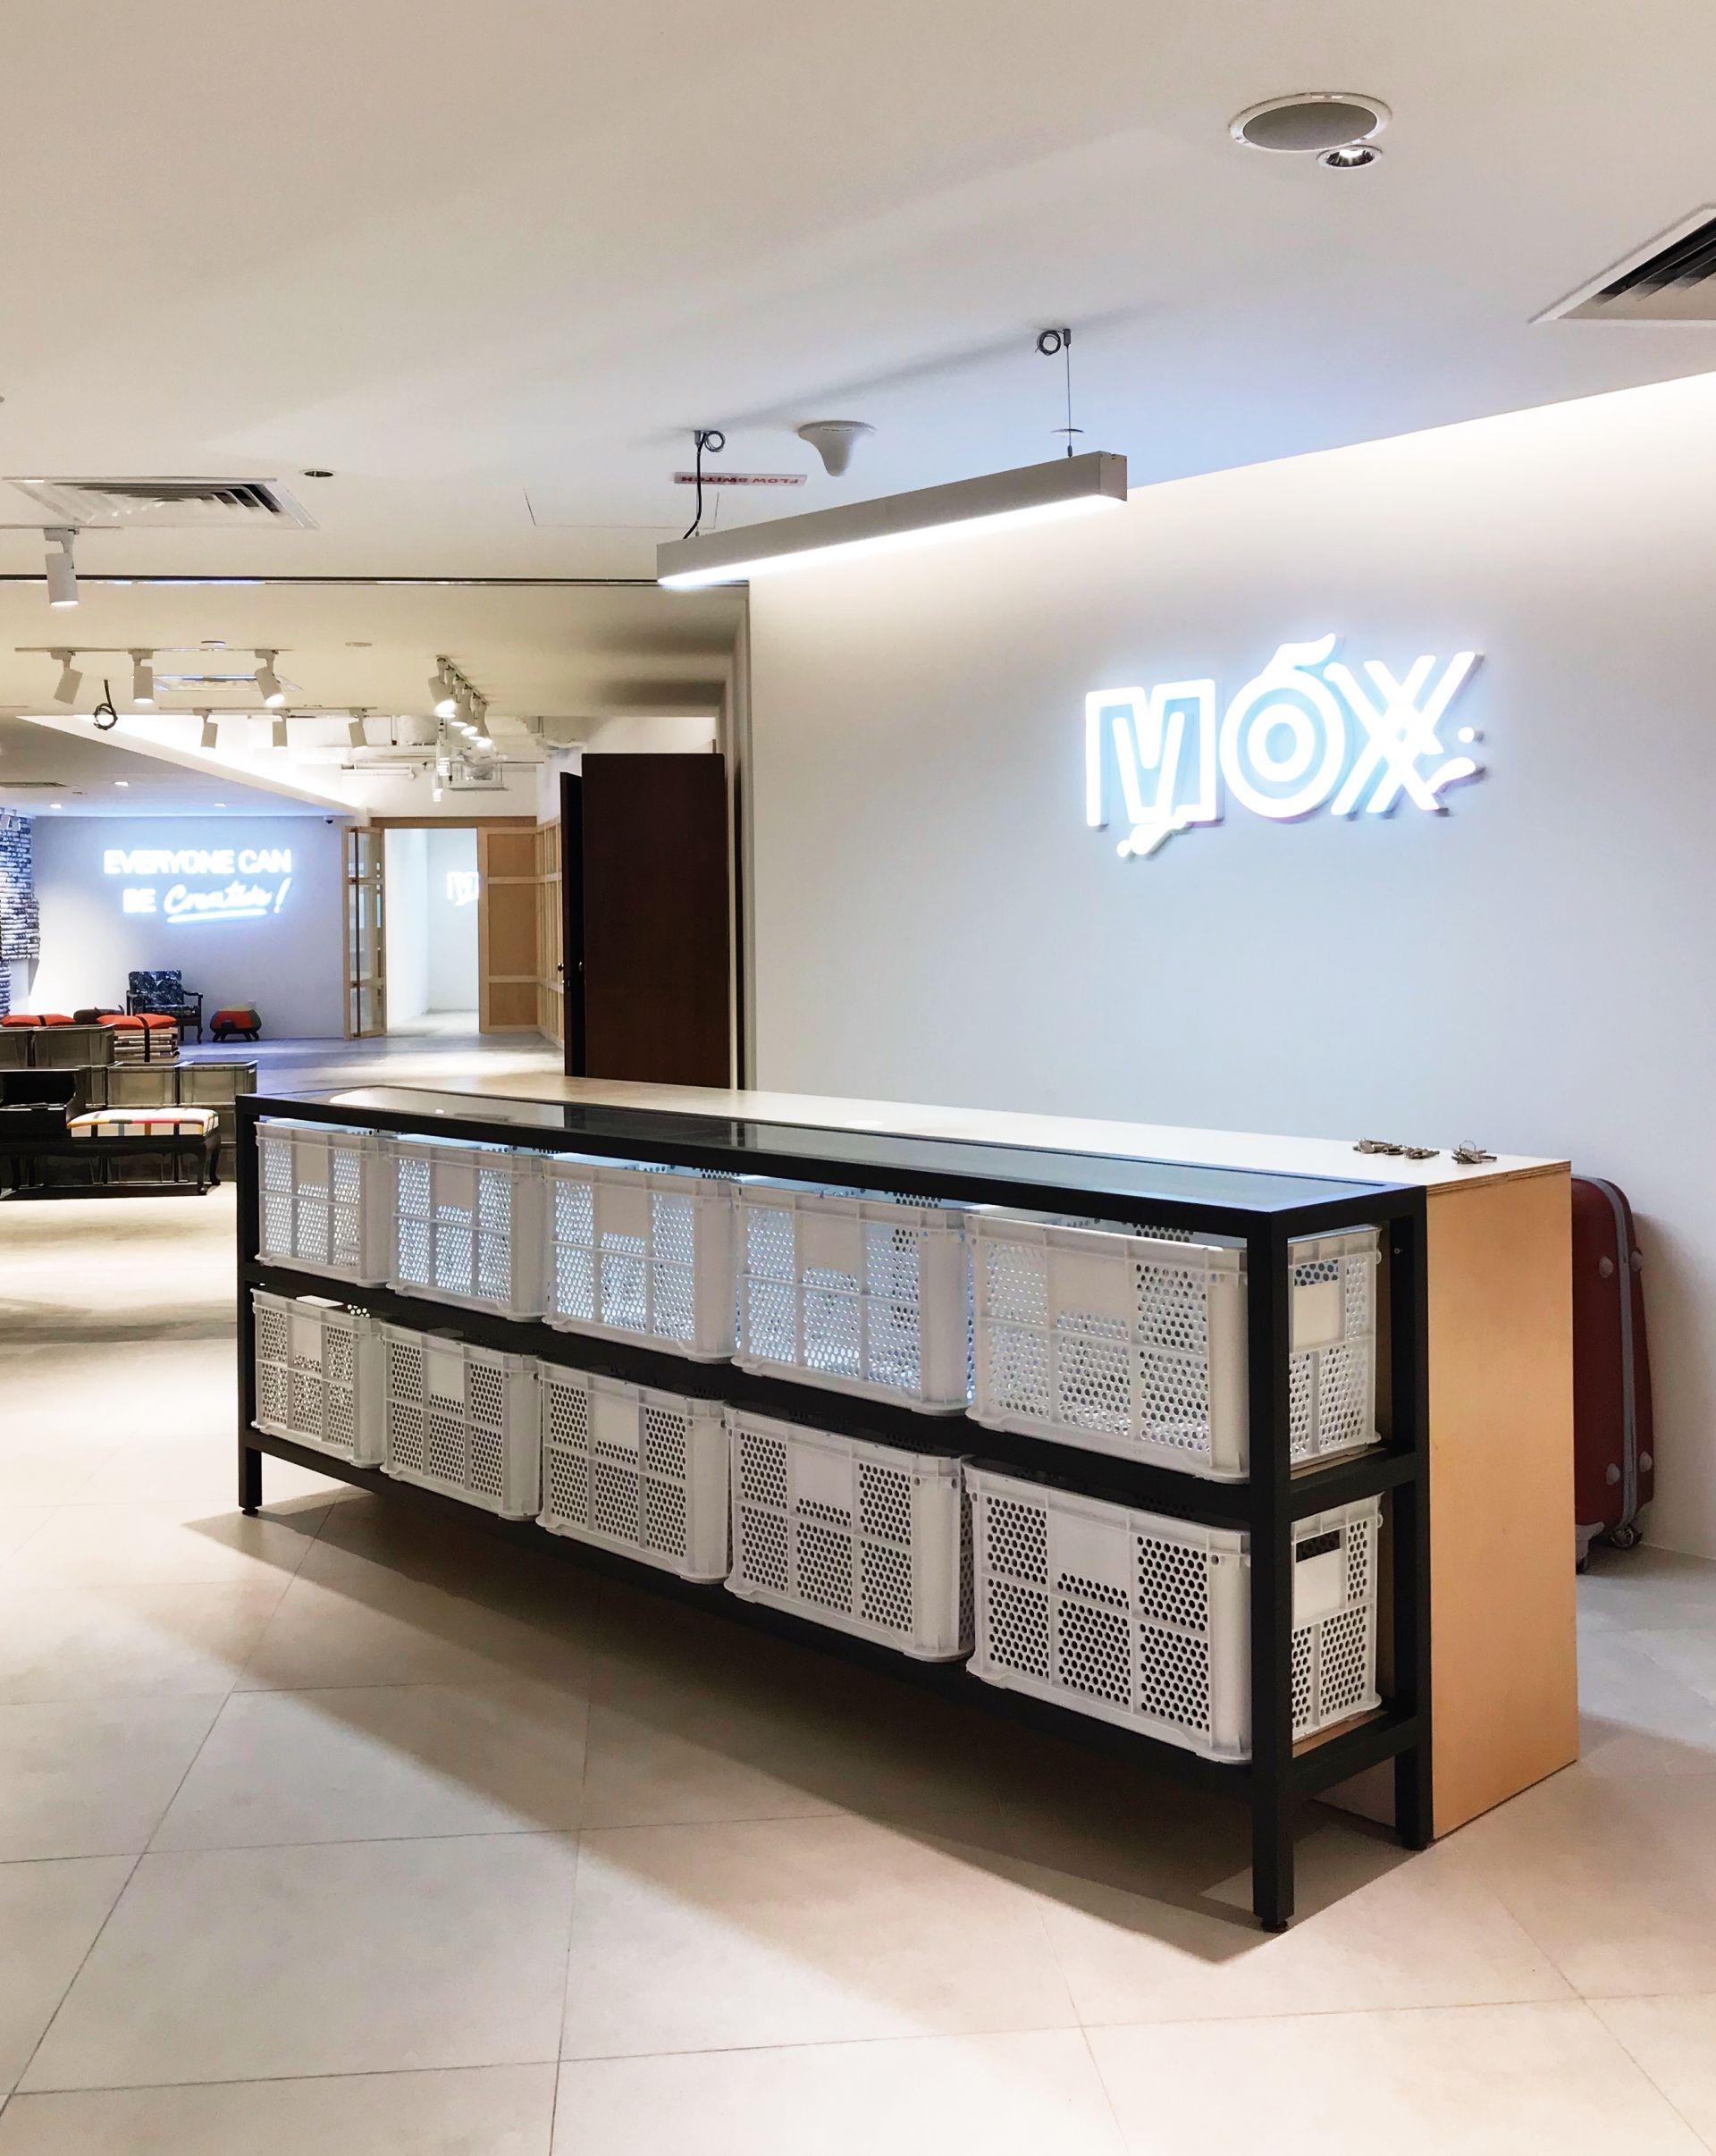 MOX Sunway Putra Mall, Kuala Lumpur